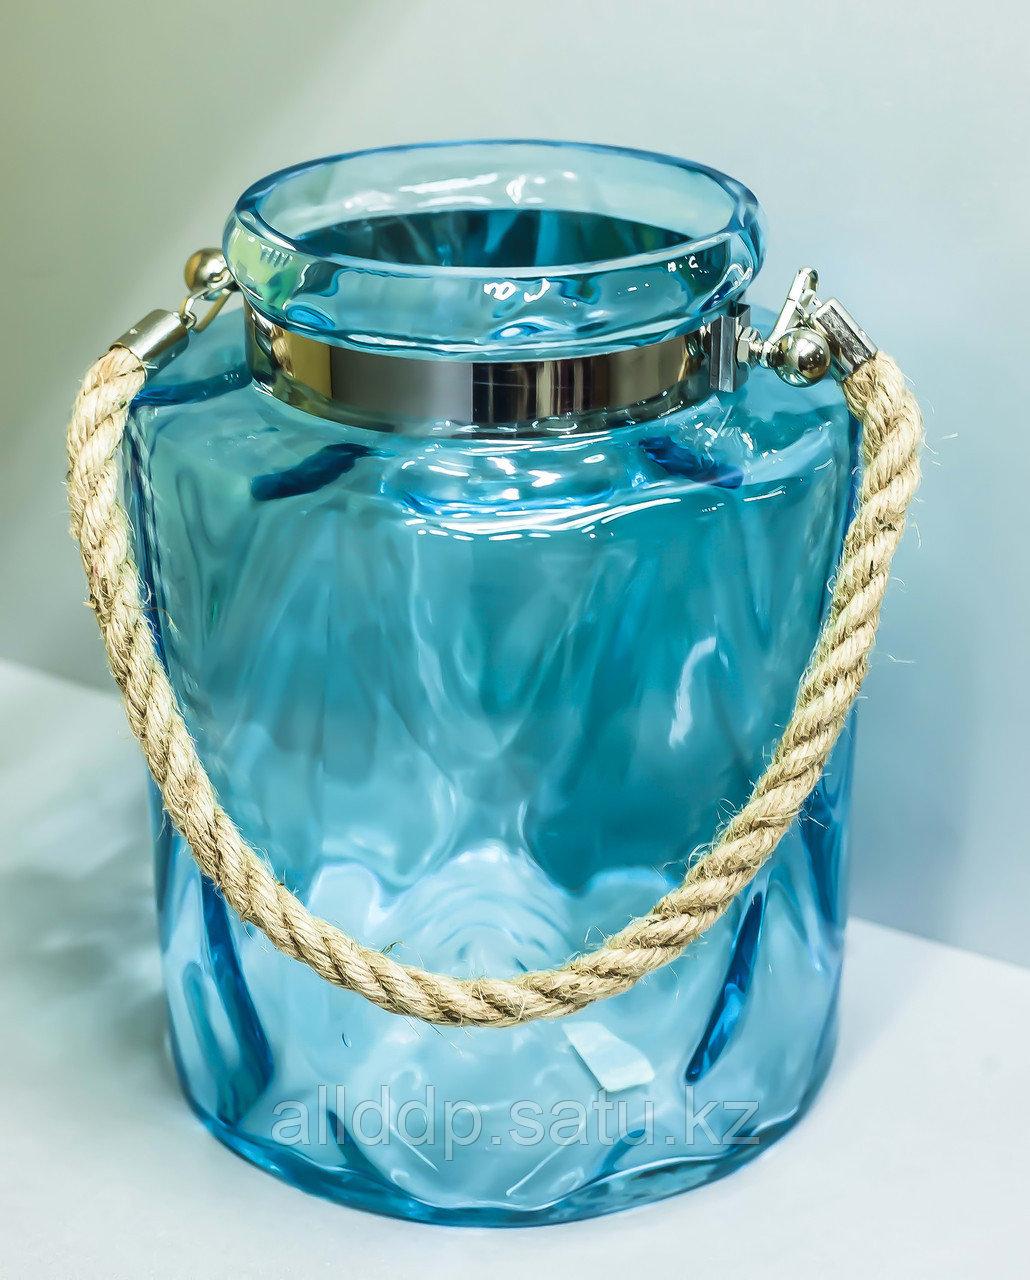 Декоративная банка -сувенир, подвесная (голубое стекло),25см